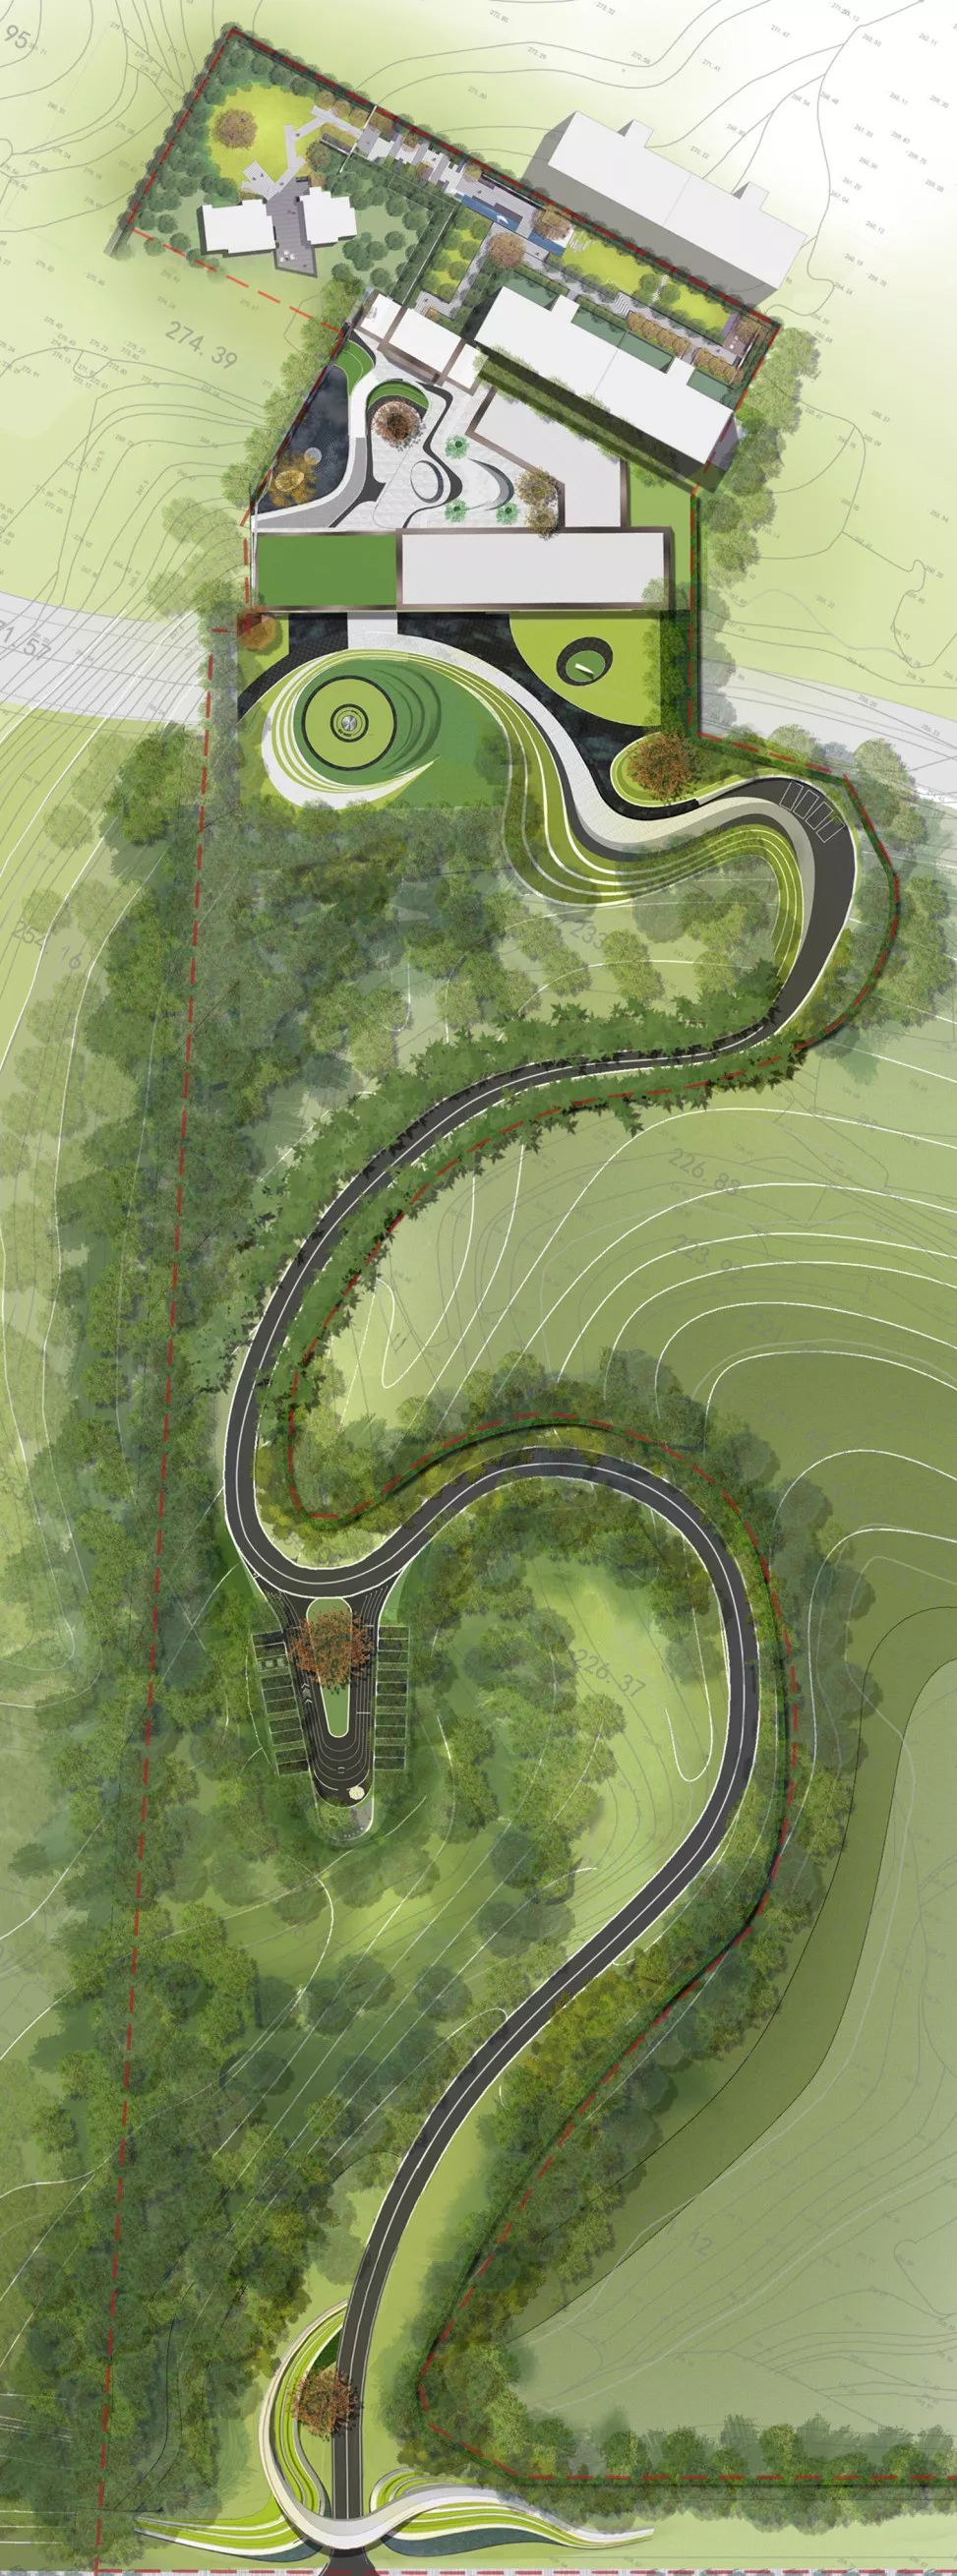 11-chongqing-greenland-tingjiang-zuoan-lismdesign